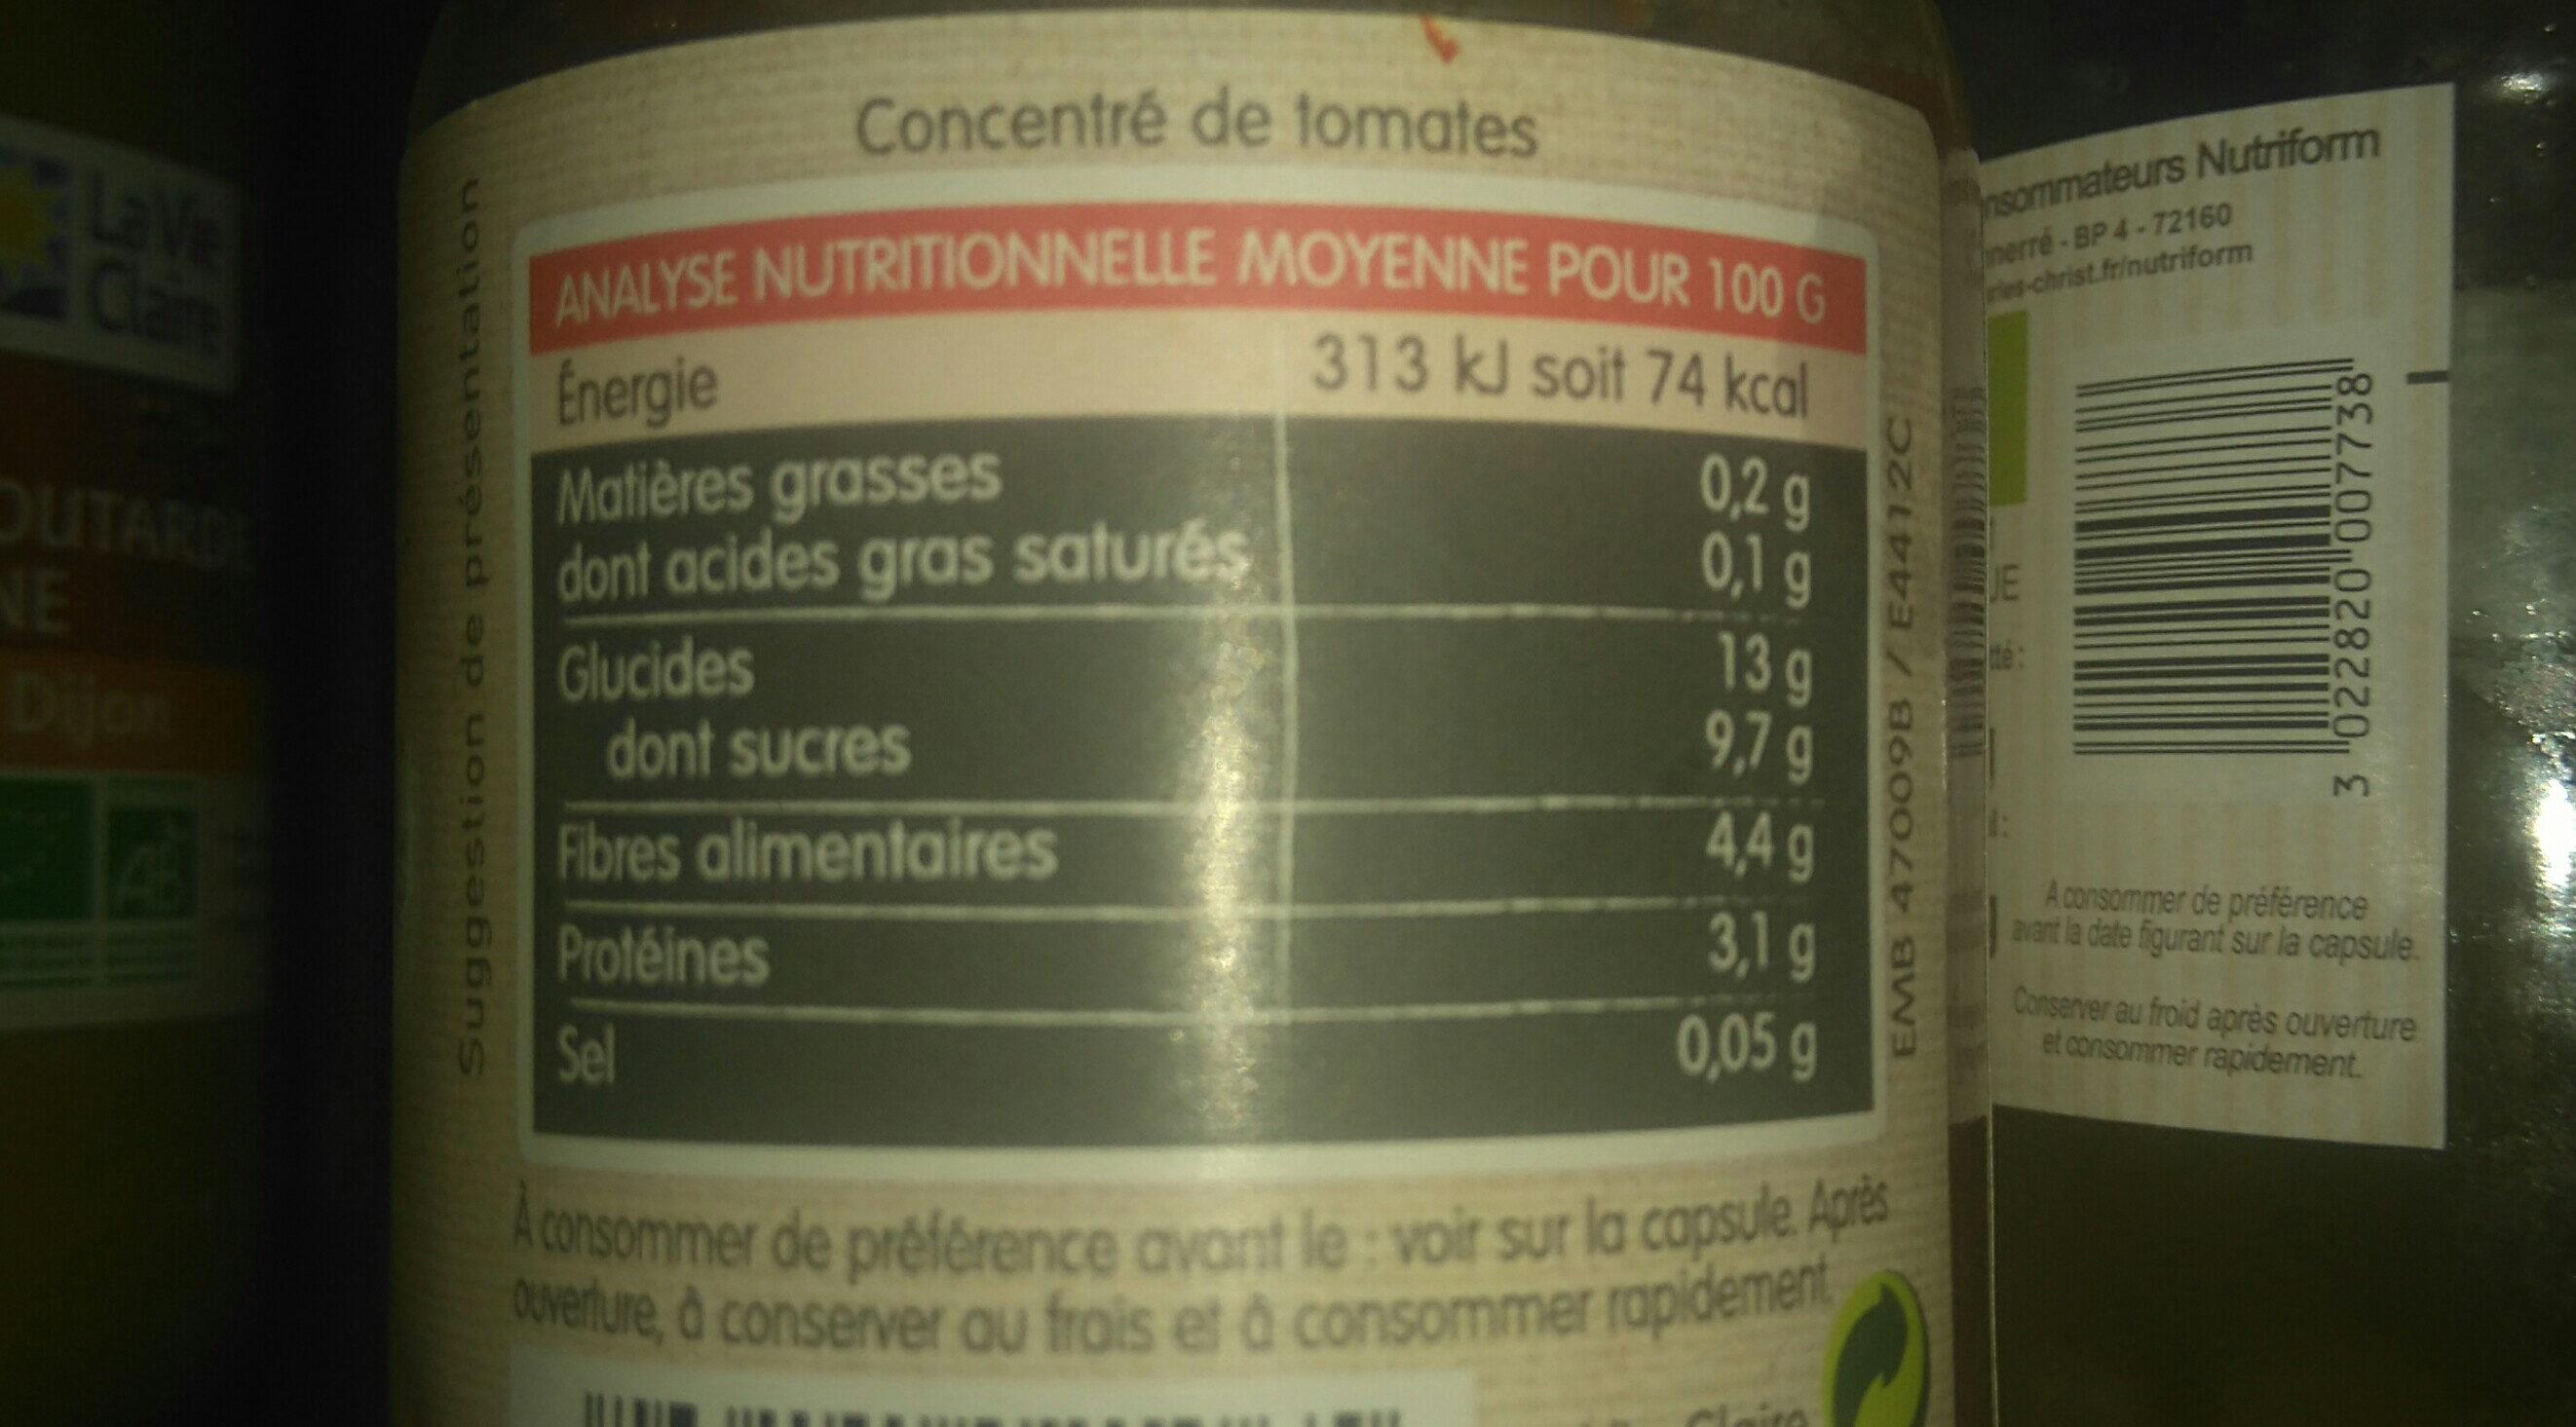 Concentré de tomates - Informations nutritionnelles